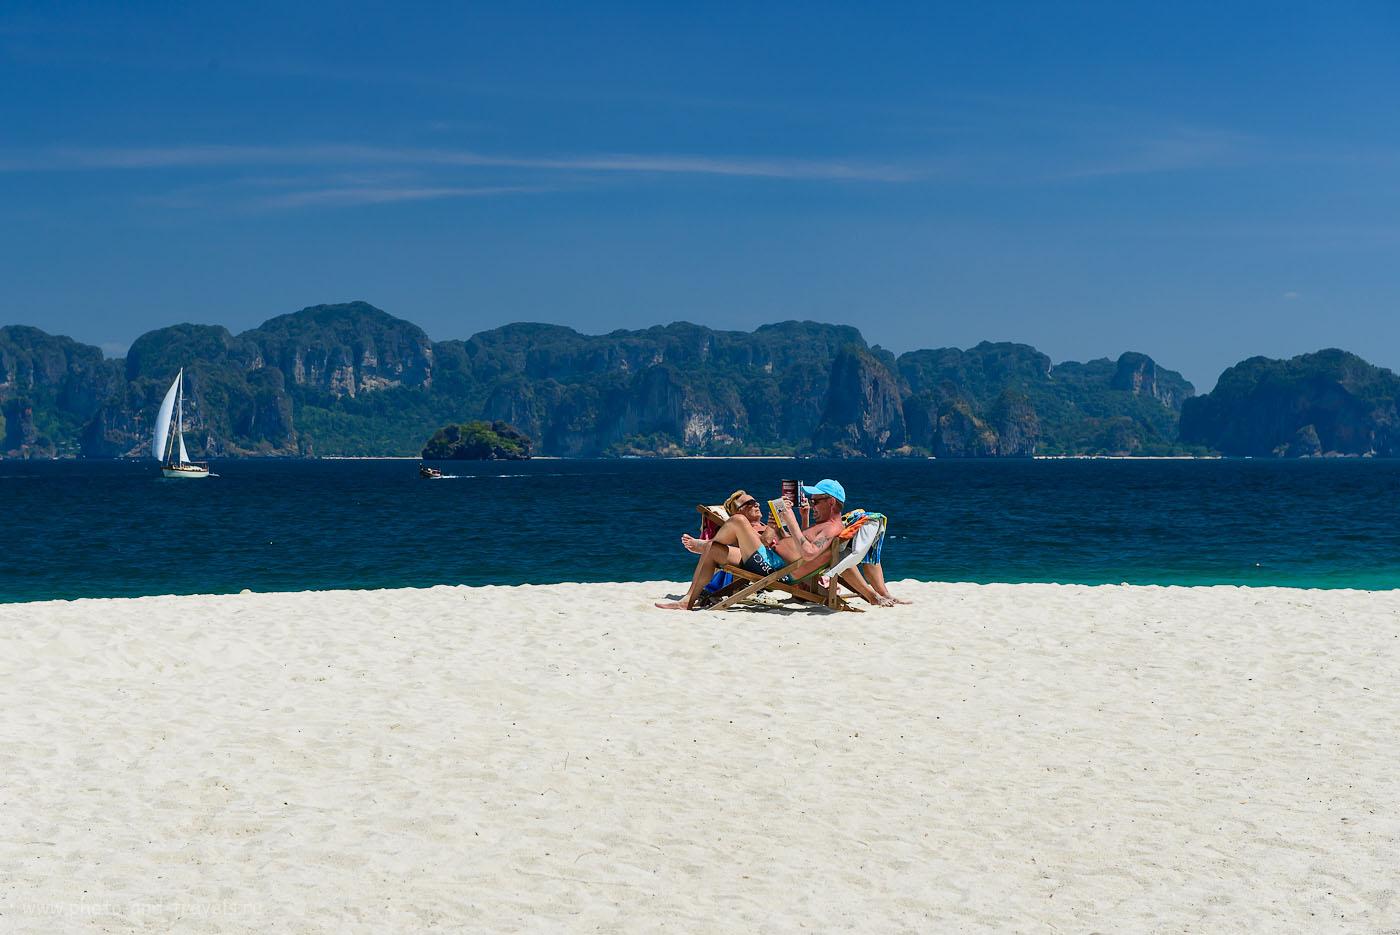 Фото 7. Что такое релаксация на острове Пода в провинции Краби. Отзывы об отдыхе в Таиланде (200, 66, 9.0, 1/500)